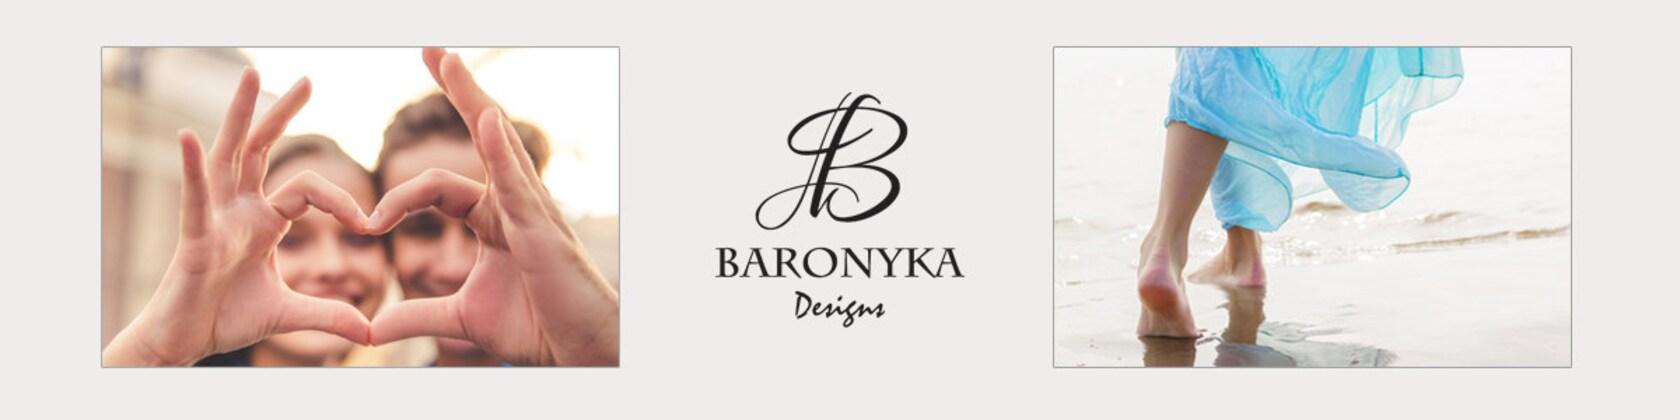 m nner schmuck schmuck f r frauen herren armb nder von baronykajd. Black Bedroom Furniture Sets. Home Design Ideas